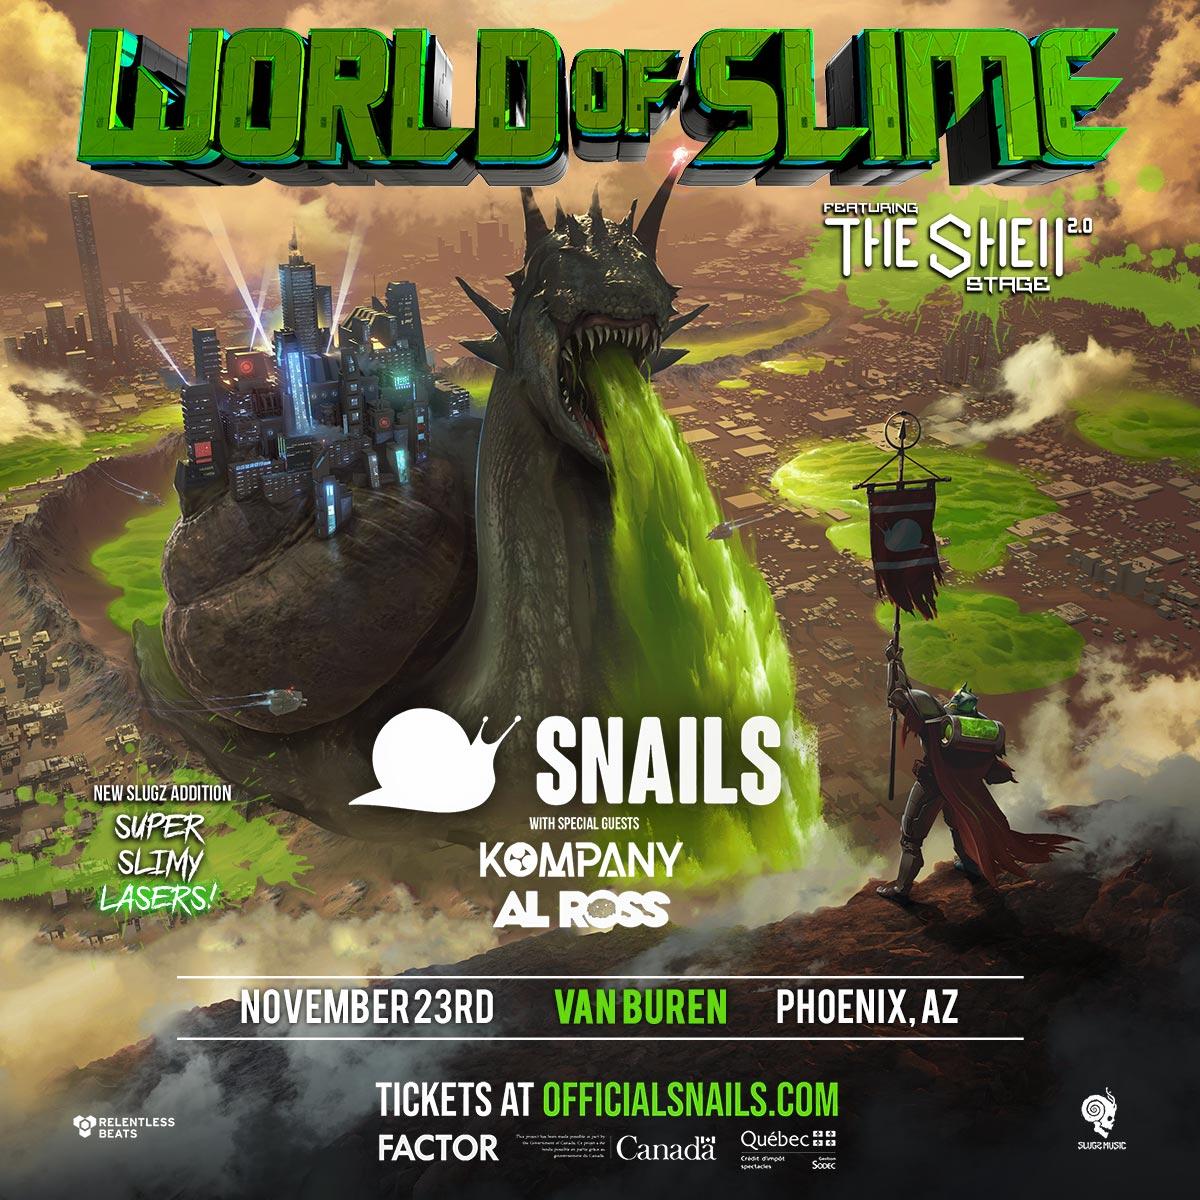 Flyer for Snails